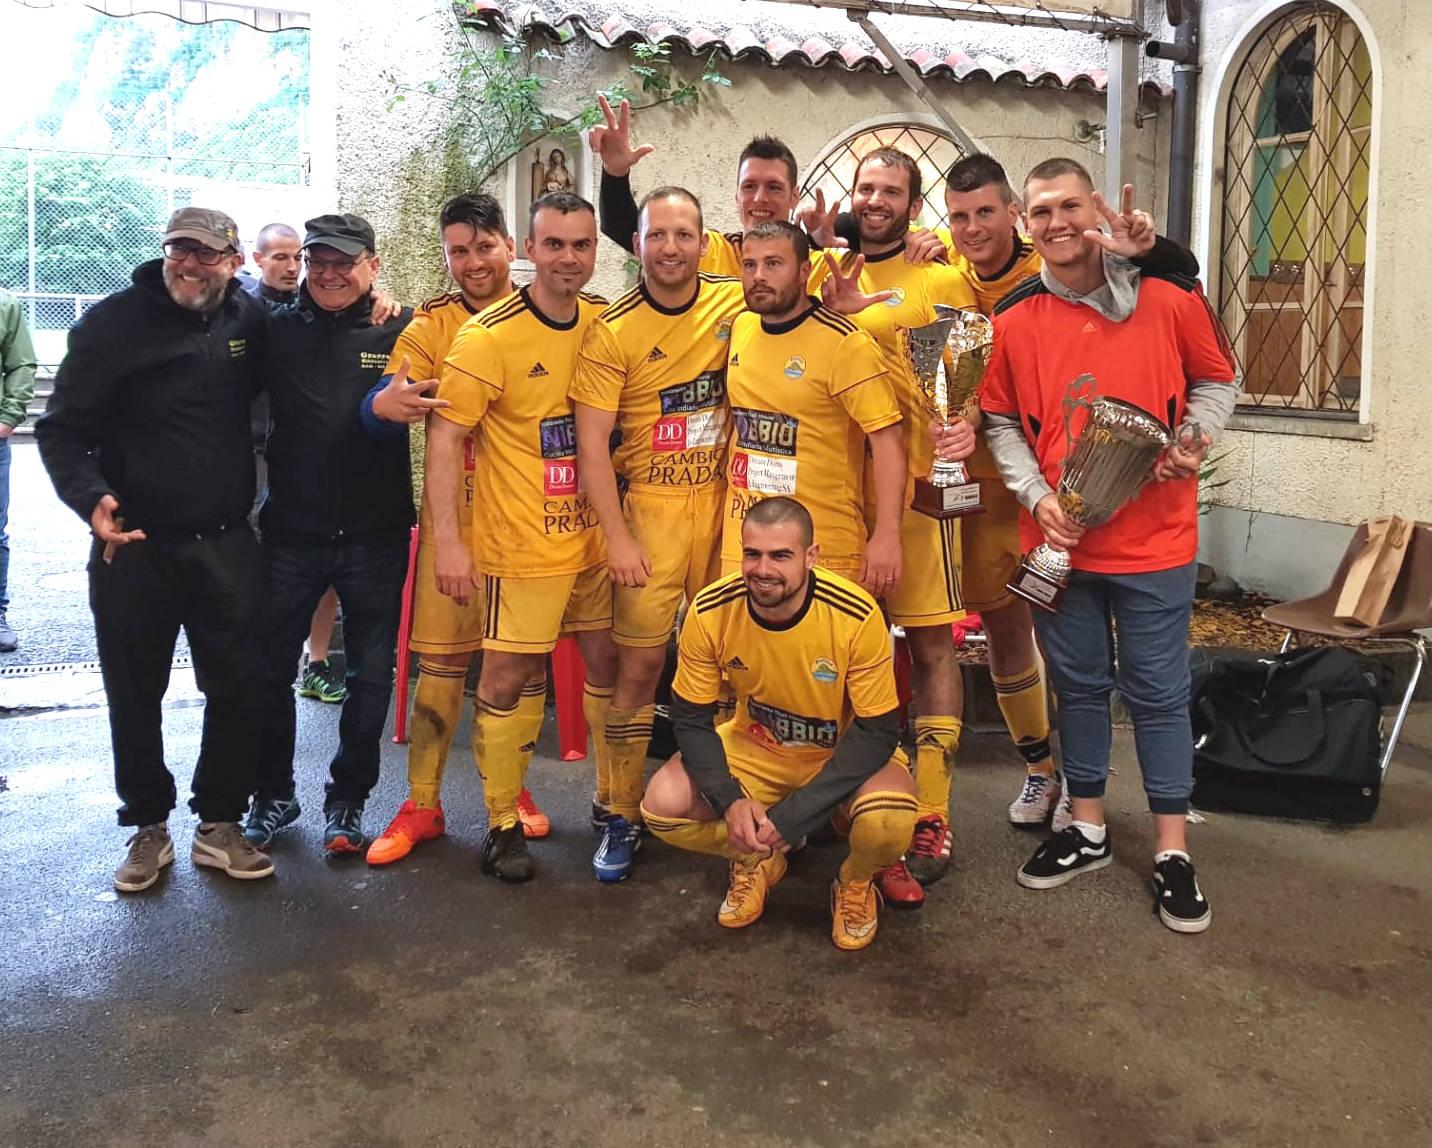 Polizia Ceresio Sud campione di calcio 2019